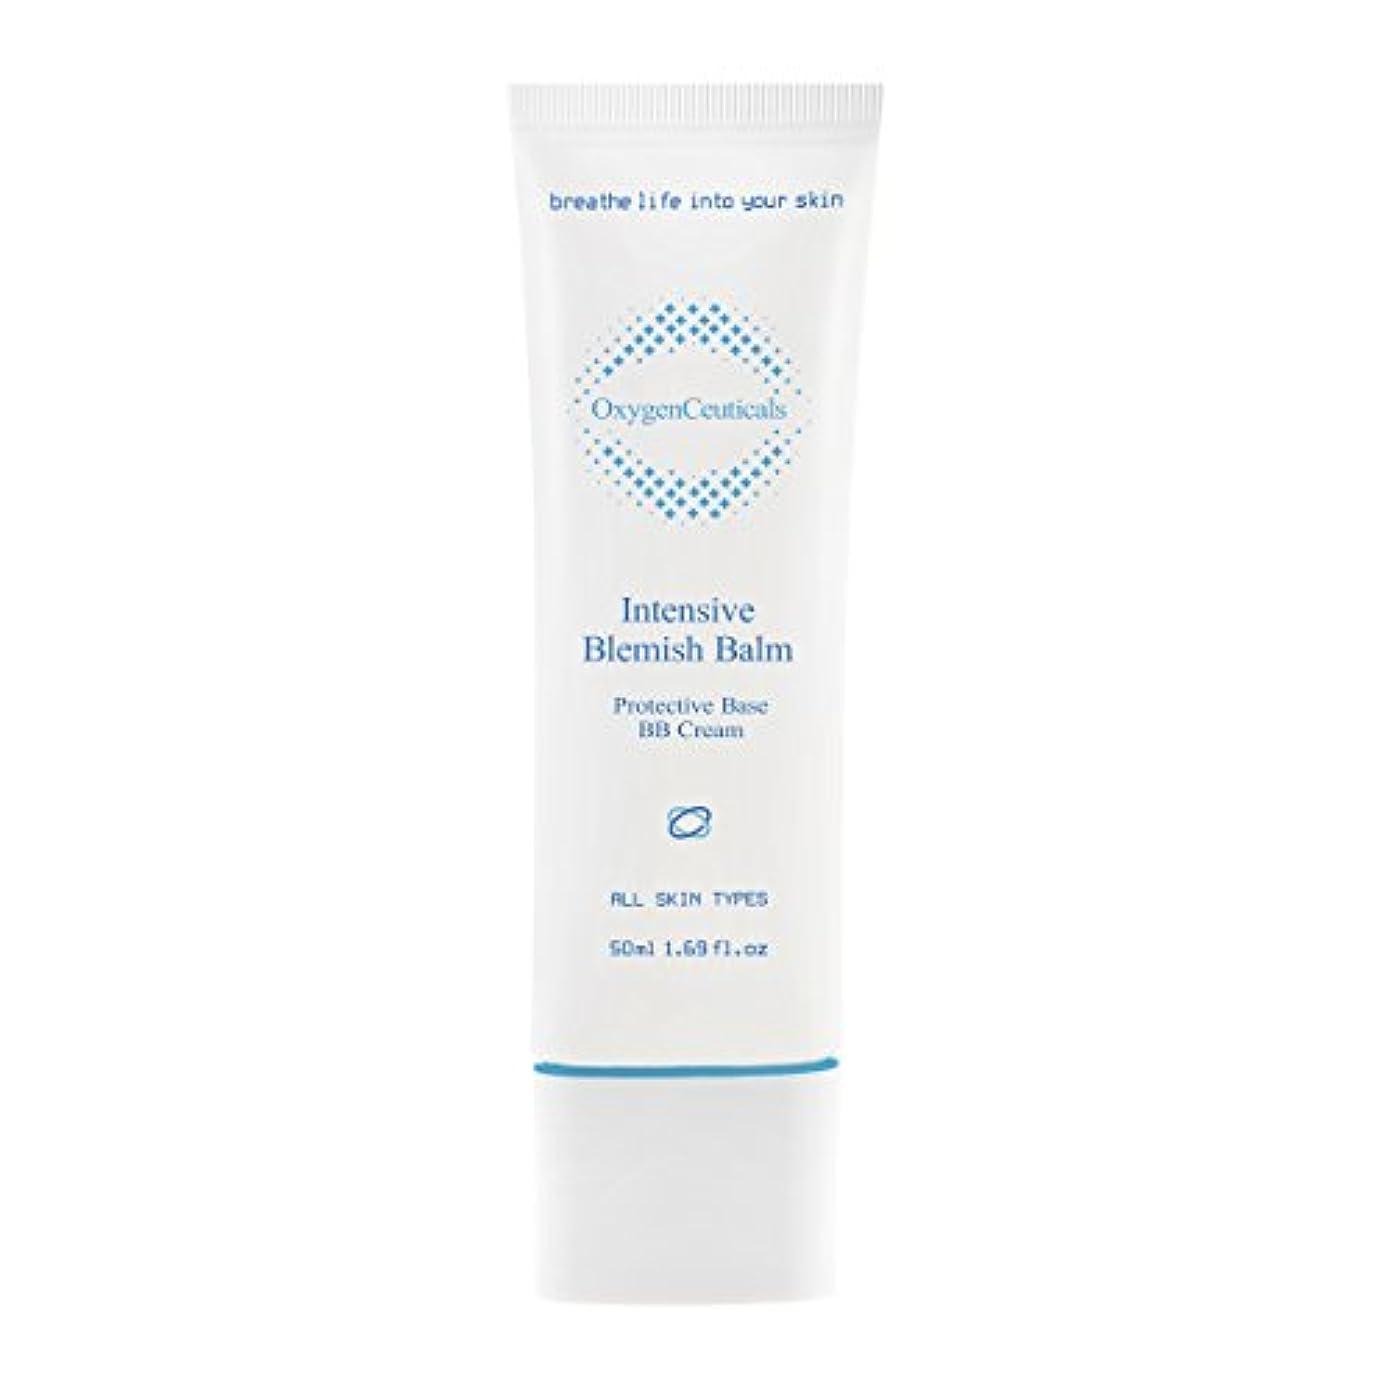 予算ブーストイノセンス[ Oxygen Ceuticals ] オキシジェンシューティカルズ 酸素BBクリーム[再.生BB] 50ml. Intensive Blemish Balm(BB Cream) 50ml. X Mask Pack 1p.